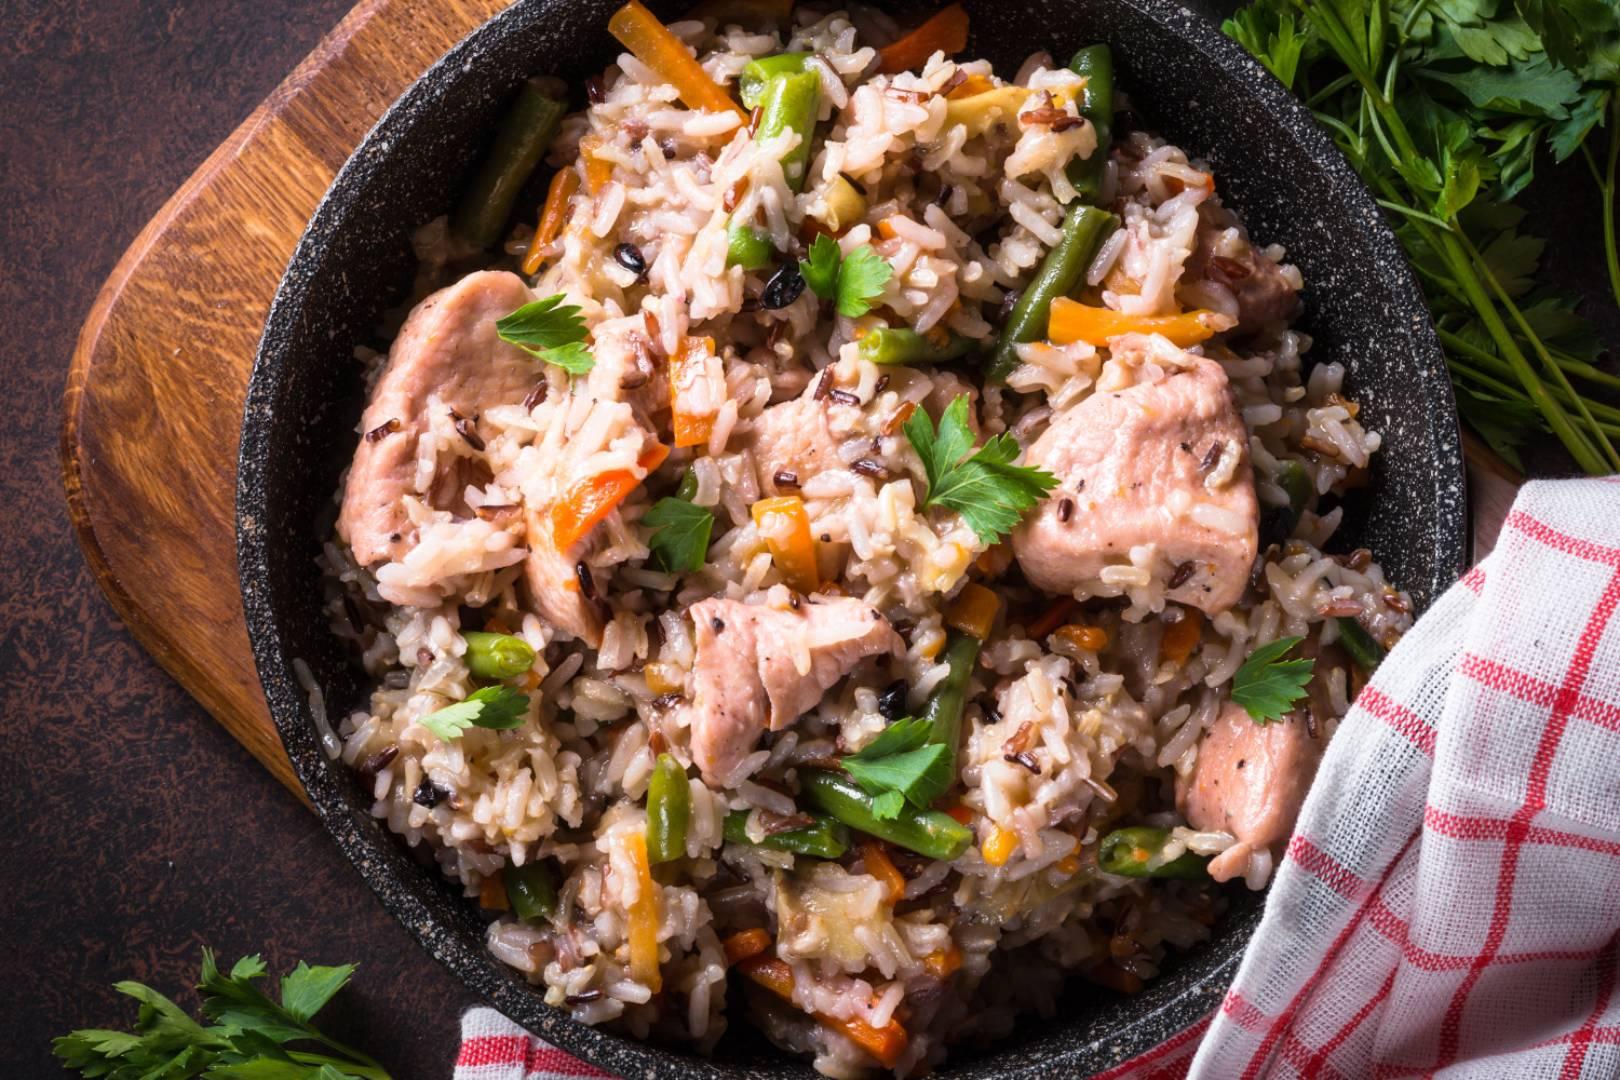 Konjaková rýže s krůtími prsy